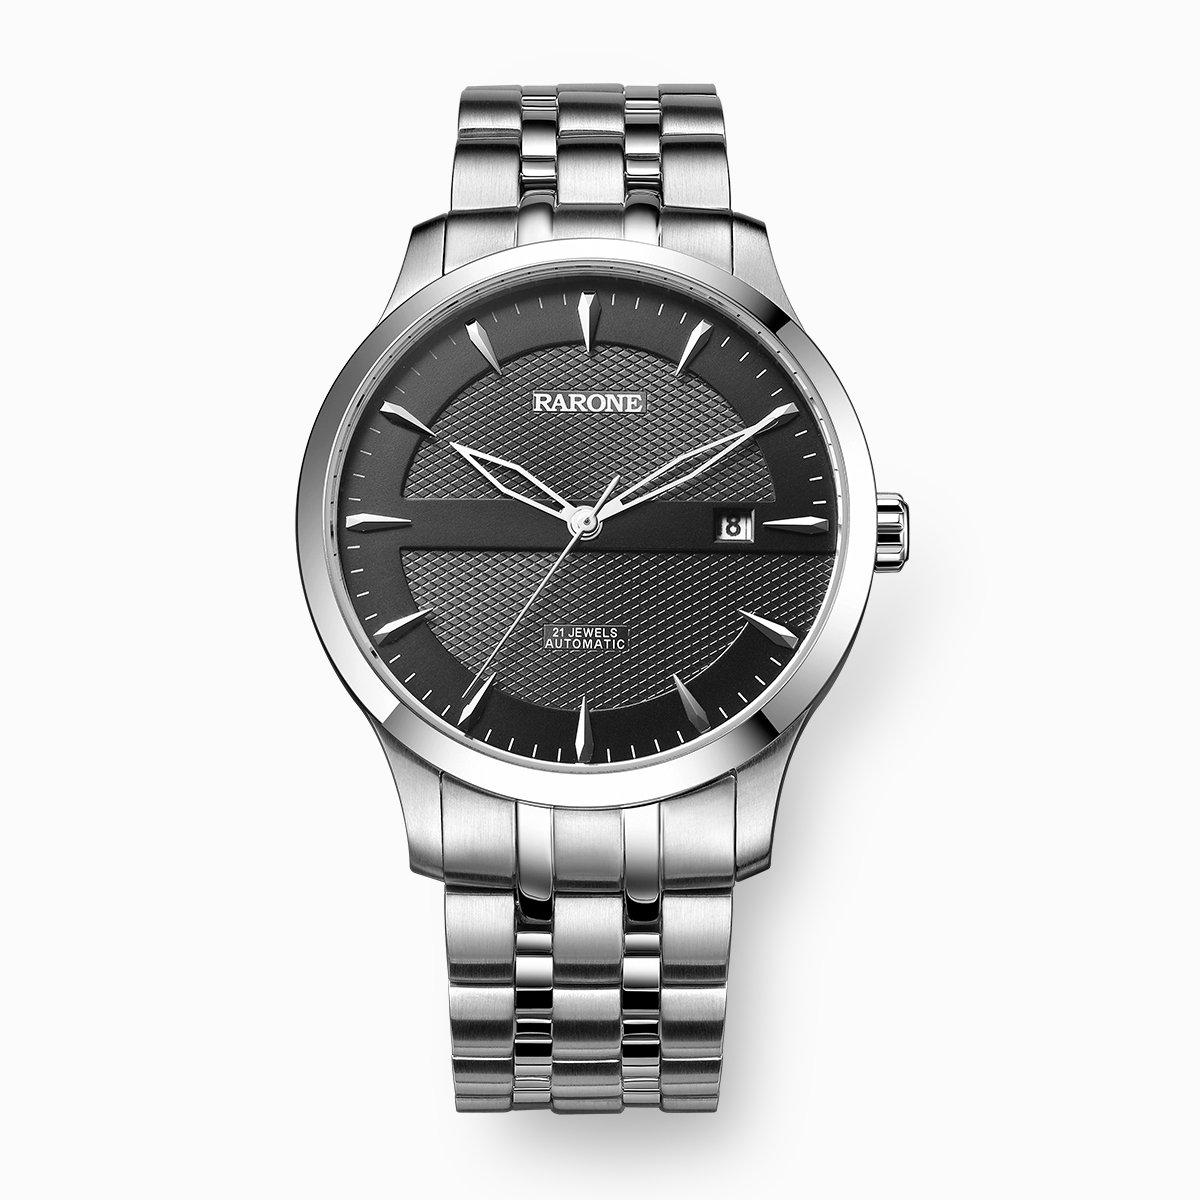 雷诺经典热卖款 全自动男士机械手表商务经典实心钢带防水884039R1105